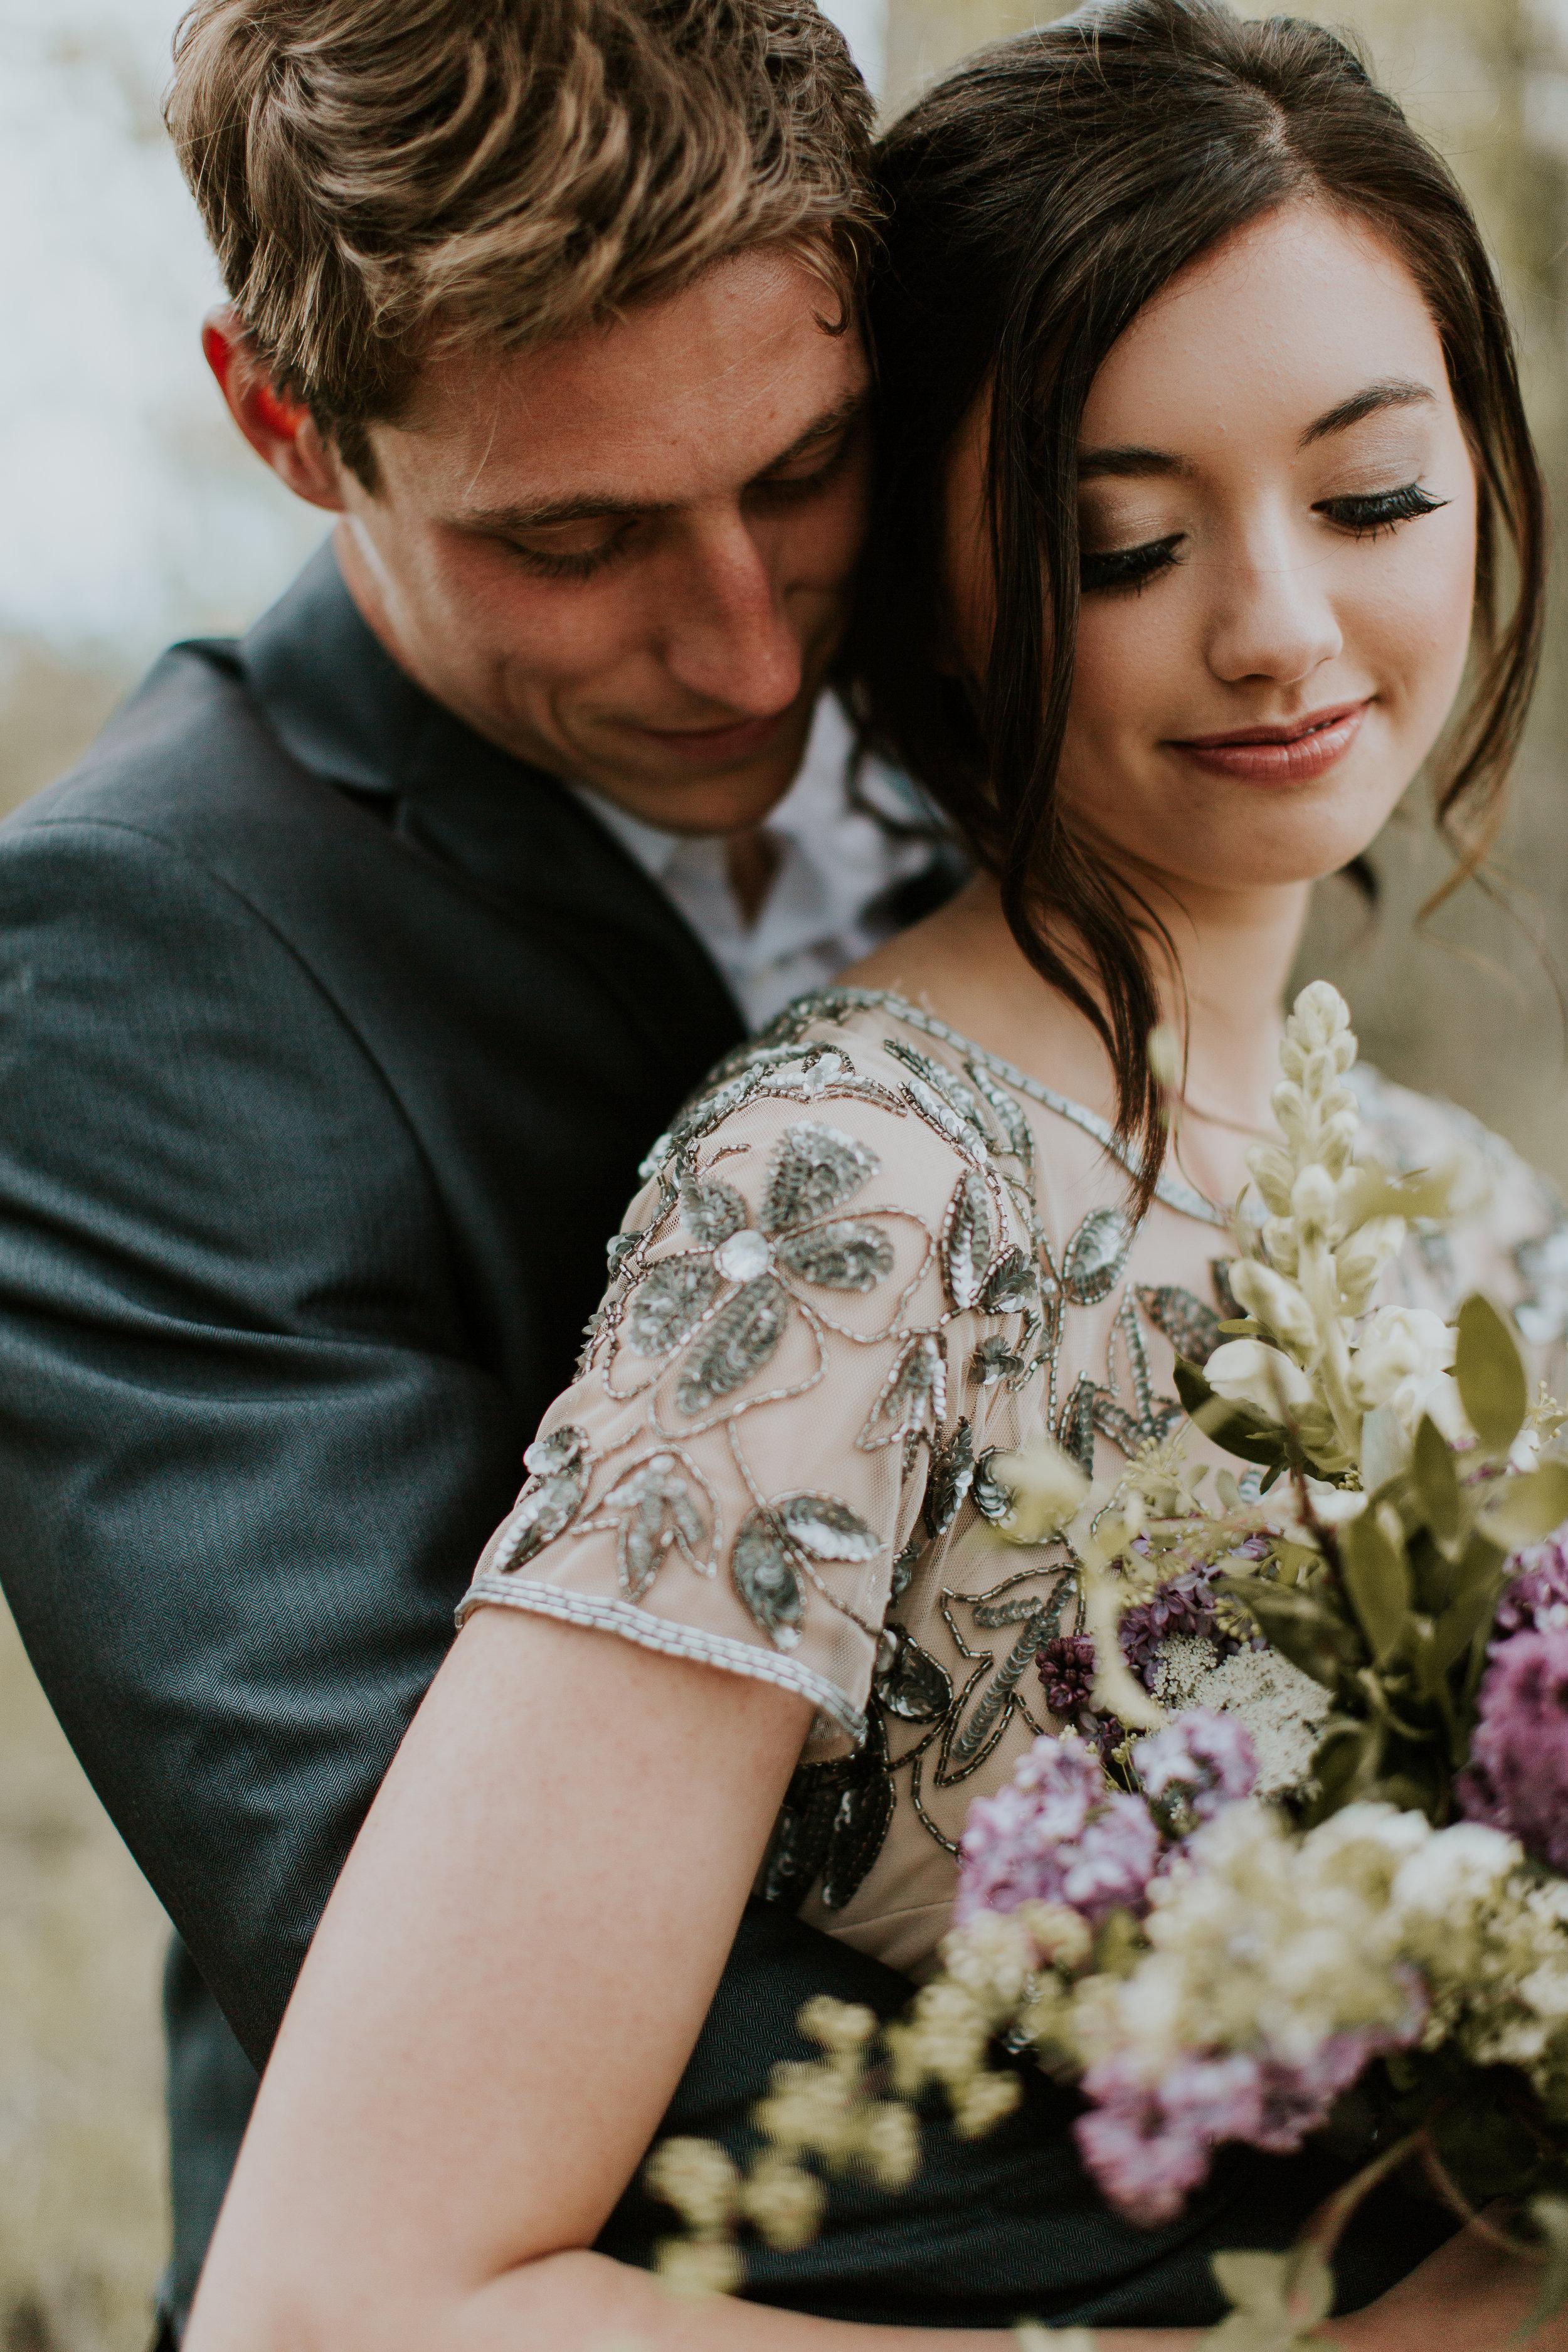 Traveling-Denver-wedding-hairstylist-updo-specialist